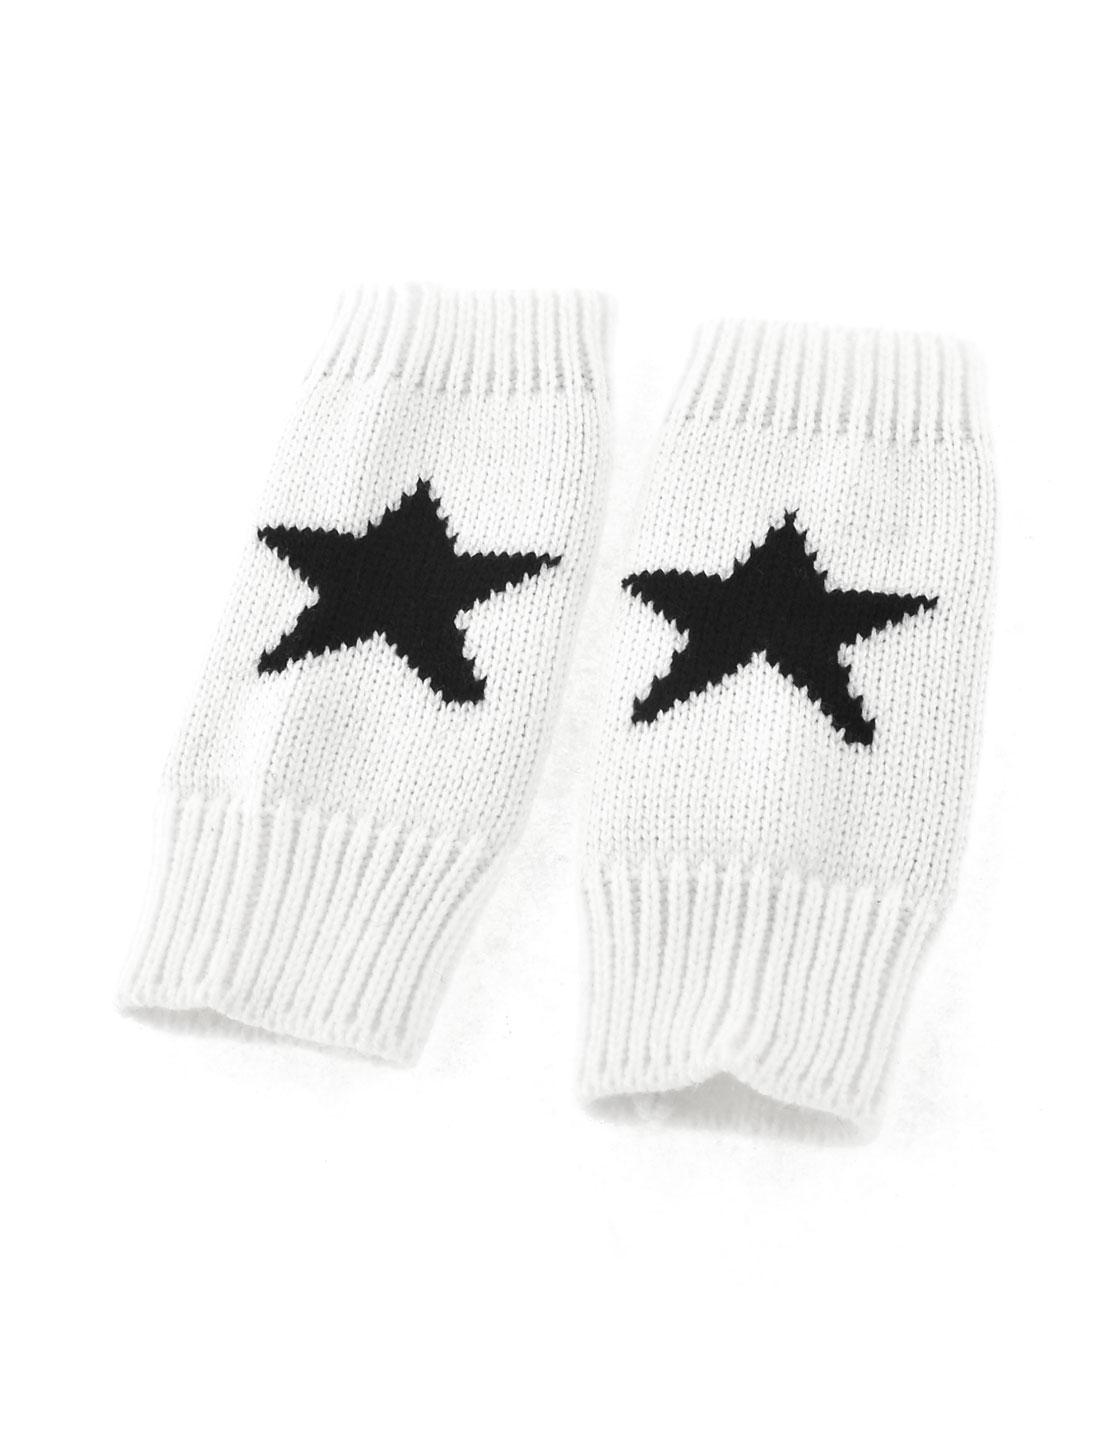 Unisex White Black Star Printed Stretchy Knitting Fingerless Gloves Pair